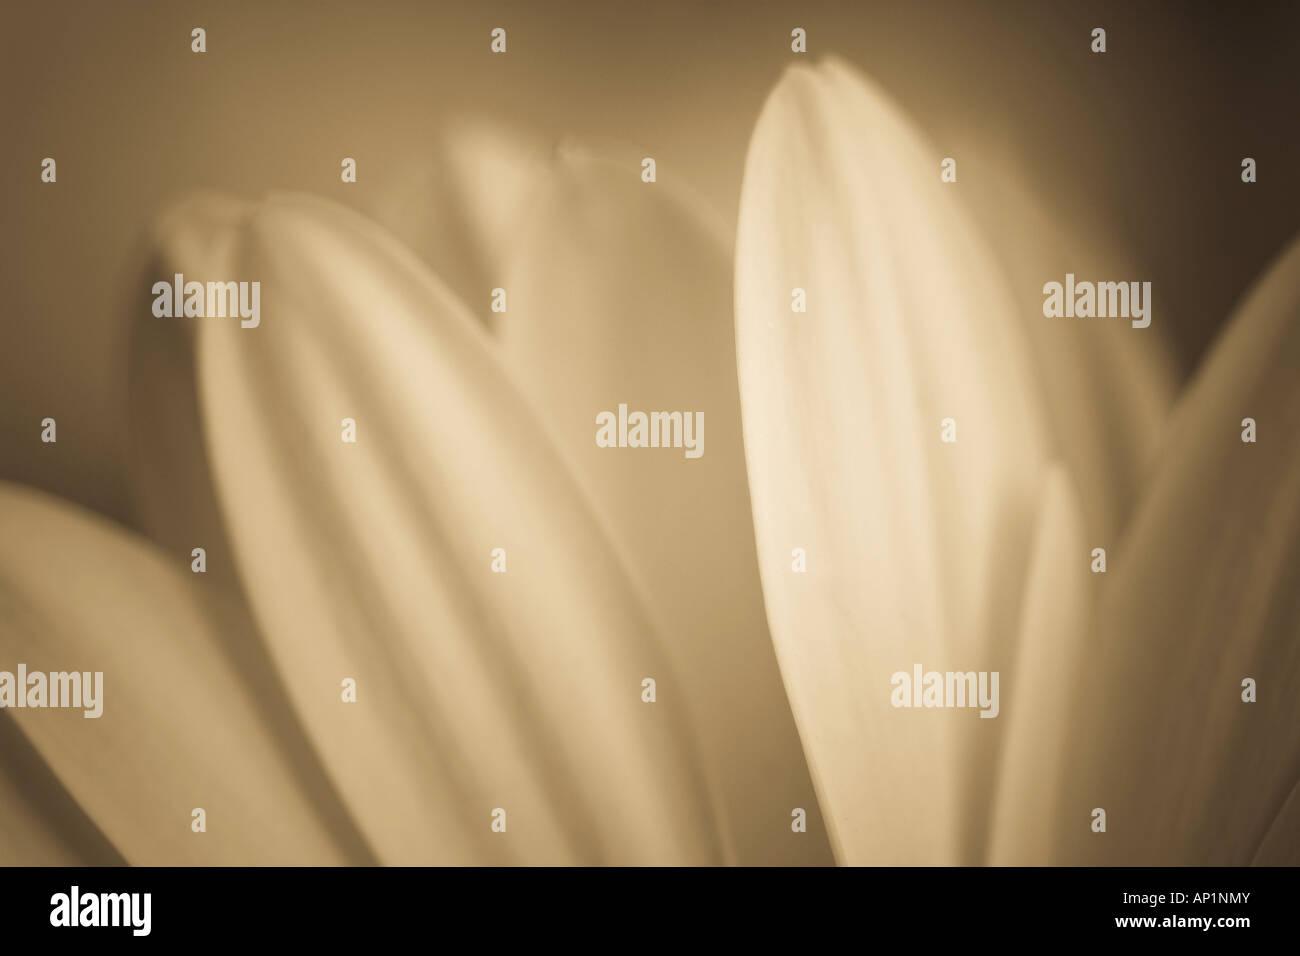 Flower petals in sepia tones - Stock Image